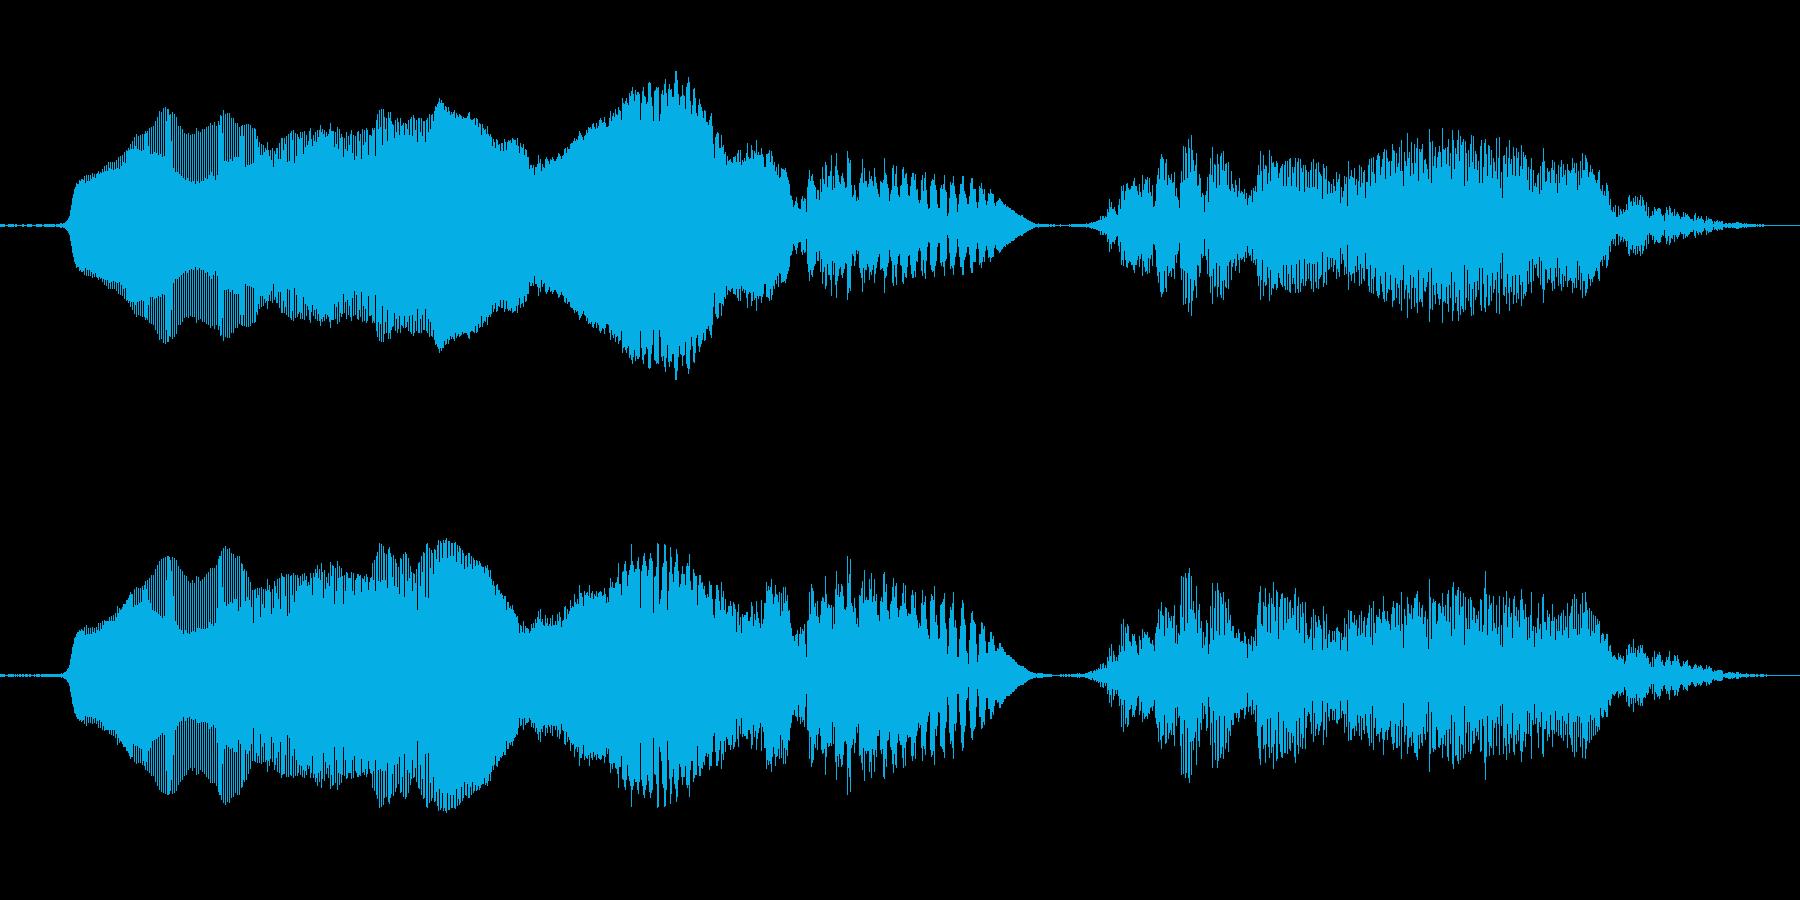 「きゃー!」の再生済みの波形